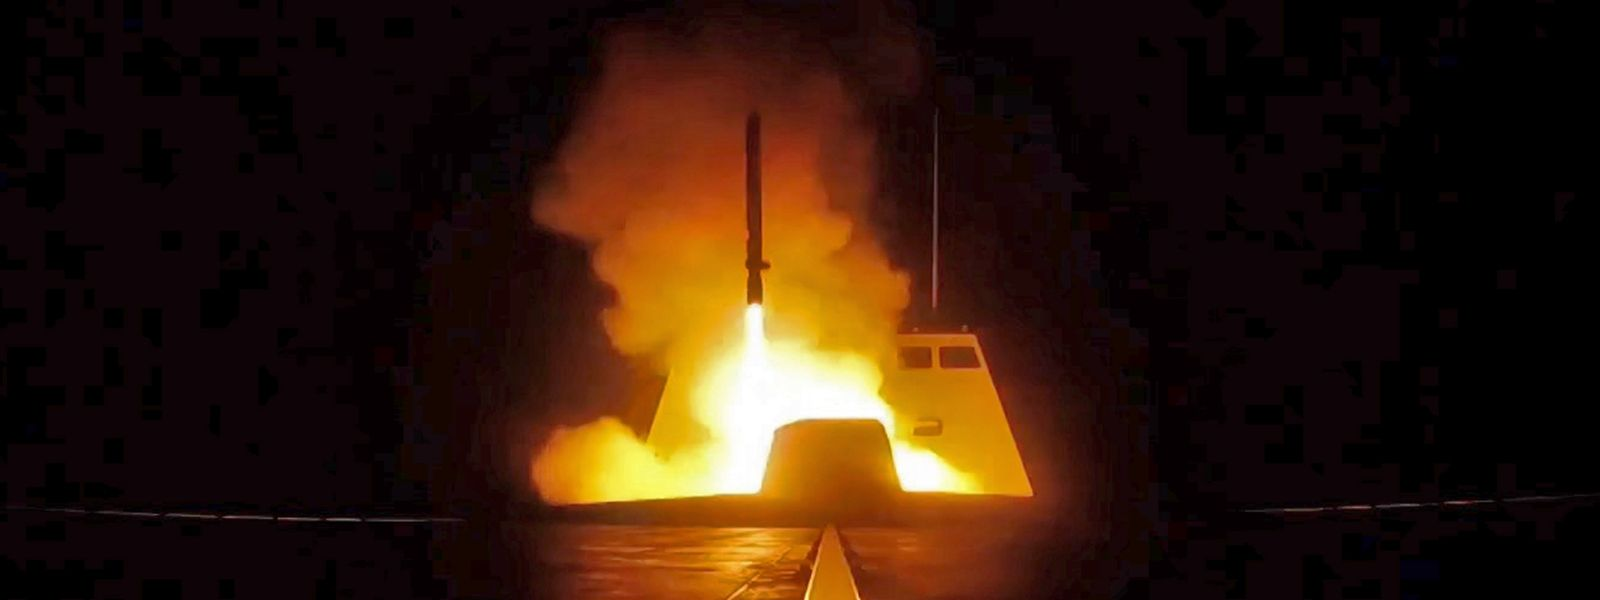 Eine französische Rakete wird im Mittelmeer nach Syrien geschossen.